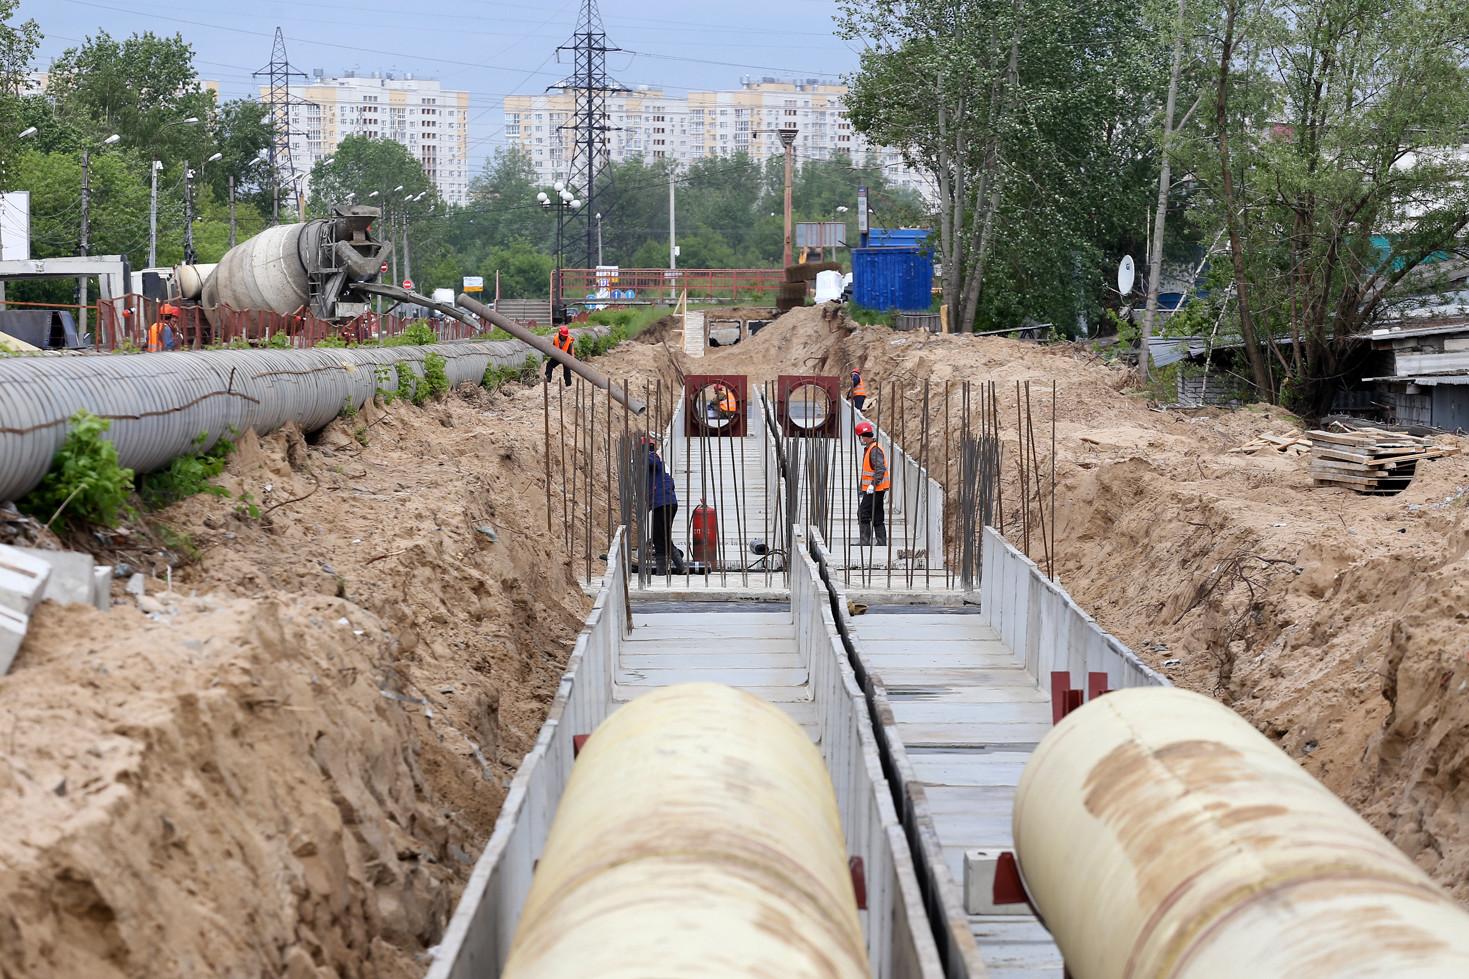 Челябинская область получит льготный кредит на развитие инфраструктуры